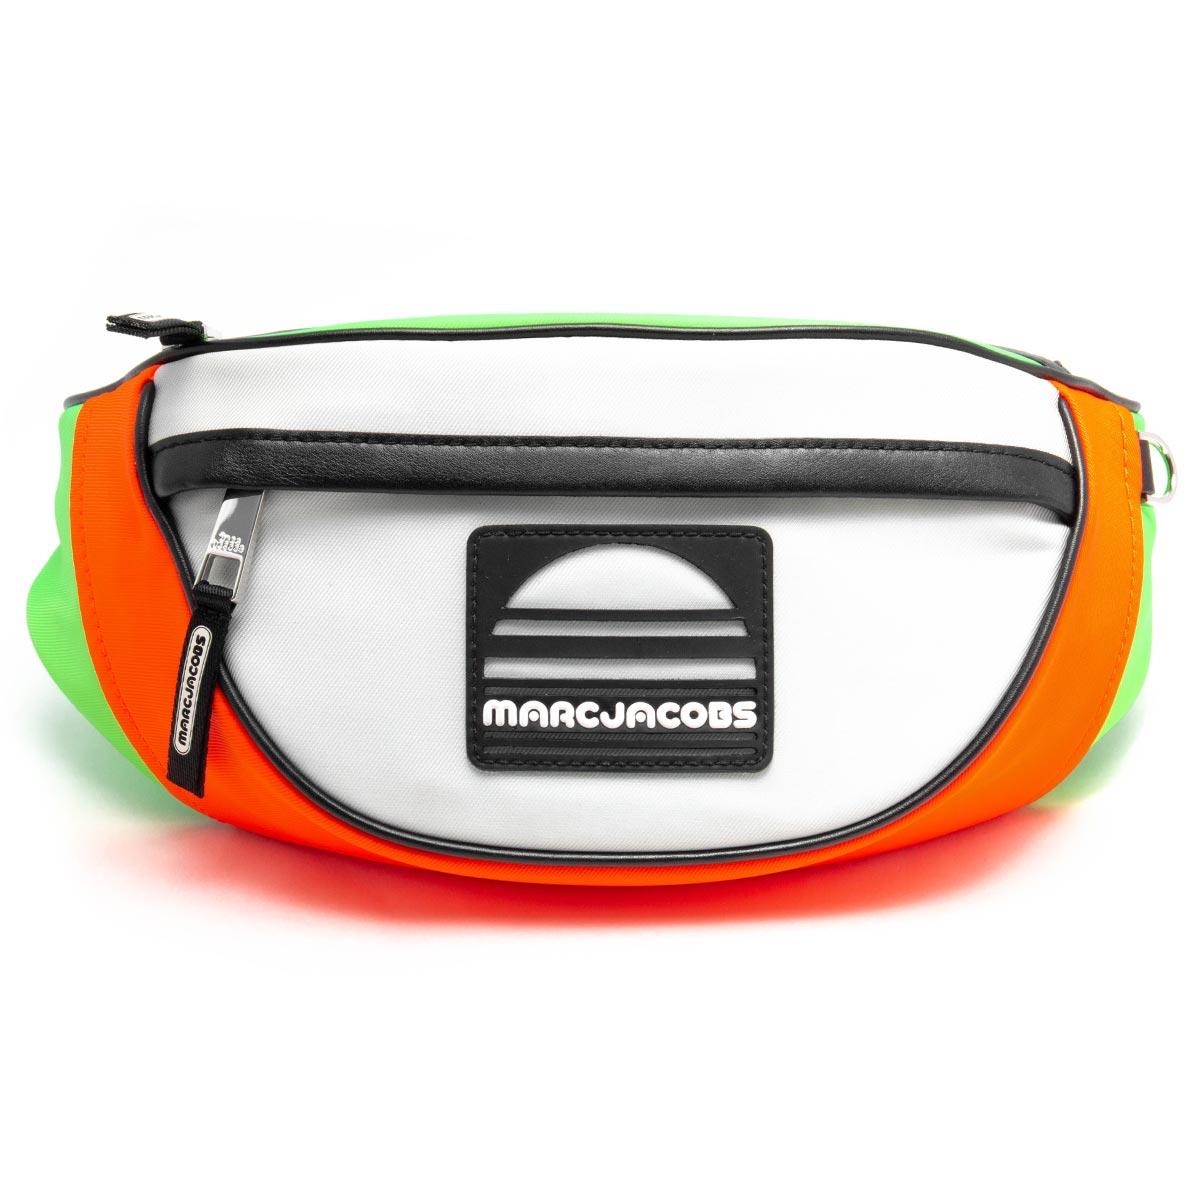 マークジェイコブス ウエストバッグ/ショルダーバッグ バッグ メンズ レディース スポート ファニー パック ブライトオレンジマルチ M0014103 829 MARC JACOBS